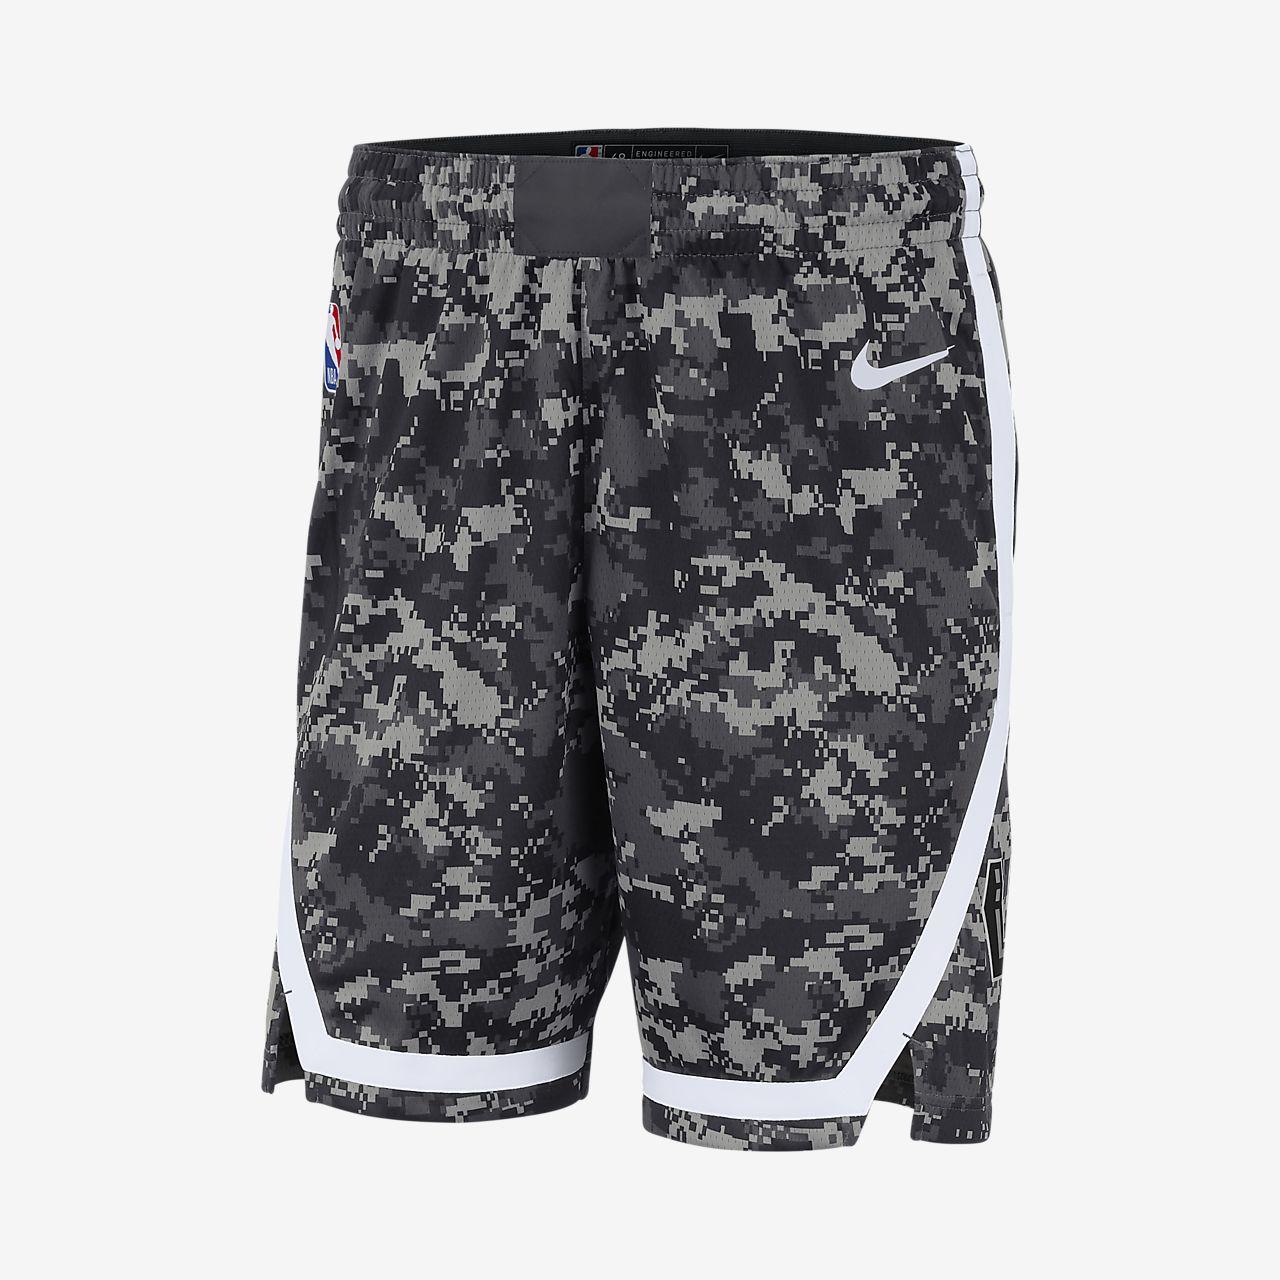 e5884f30d7b7 San Antonio Spurs City Edition Swingman Men s Nike NBA Shorts. Nike.com